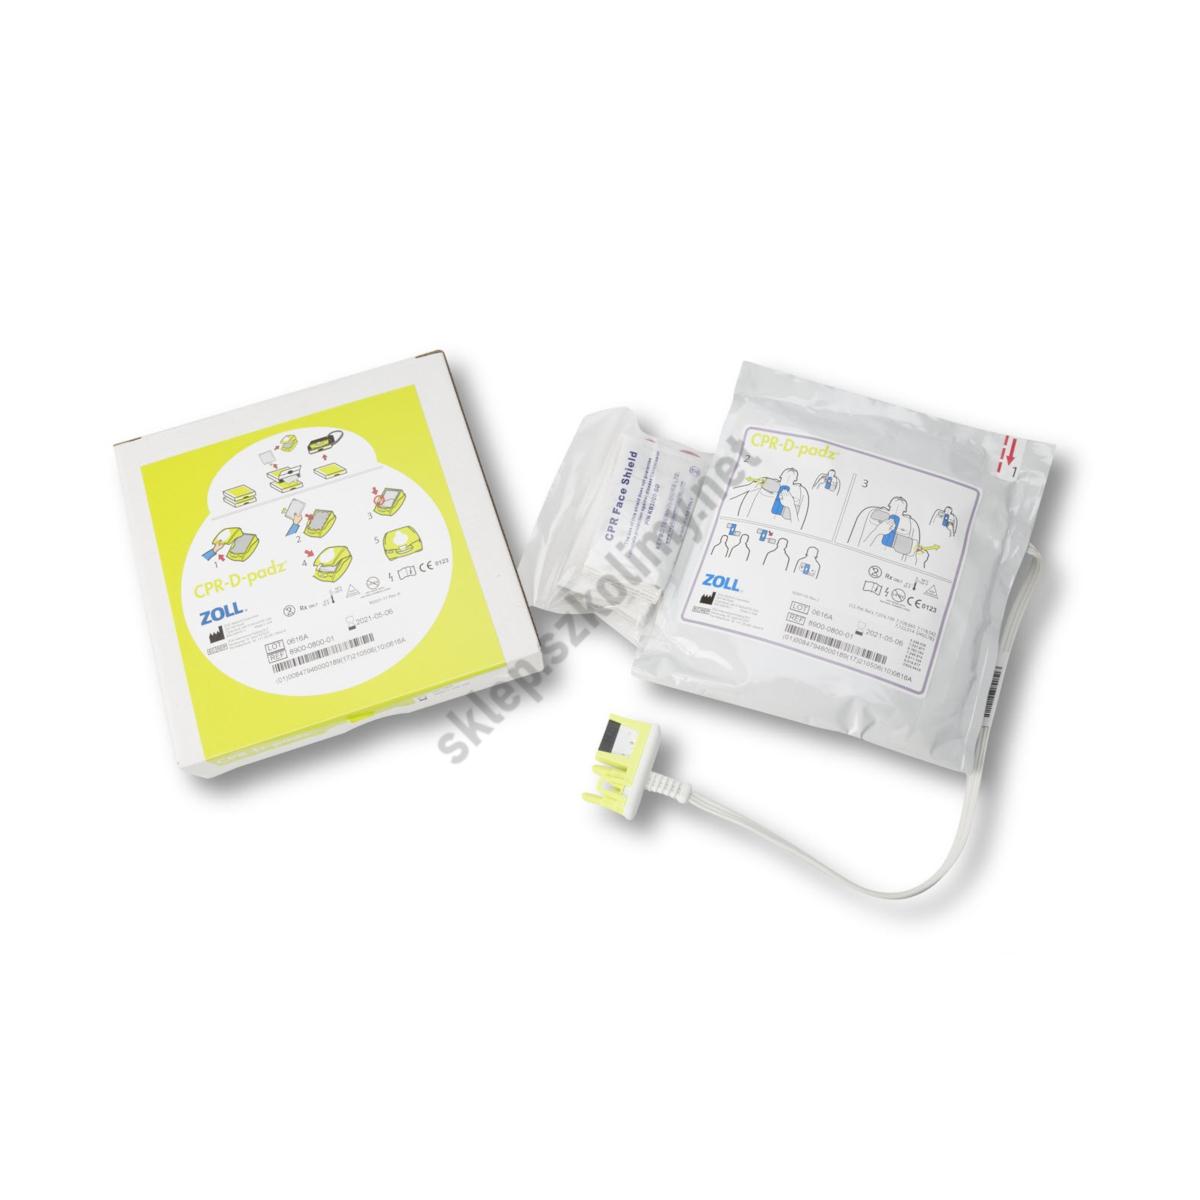 Elektrody dla dorosłych CPR-D-Padz do defibrylatora ZOLL AED PLUS